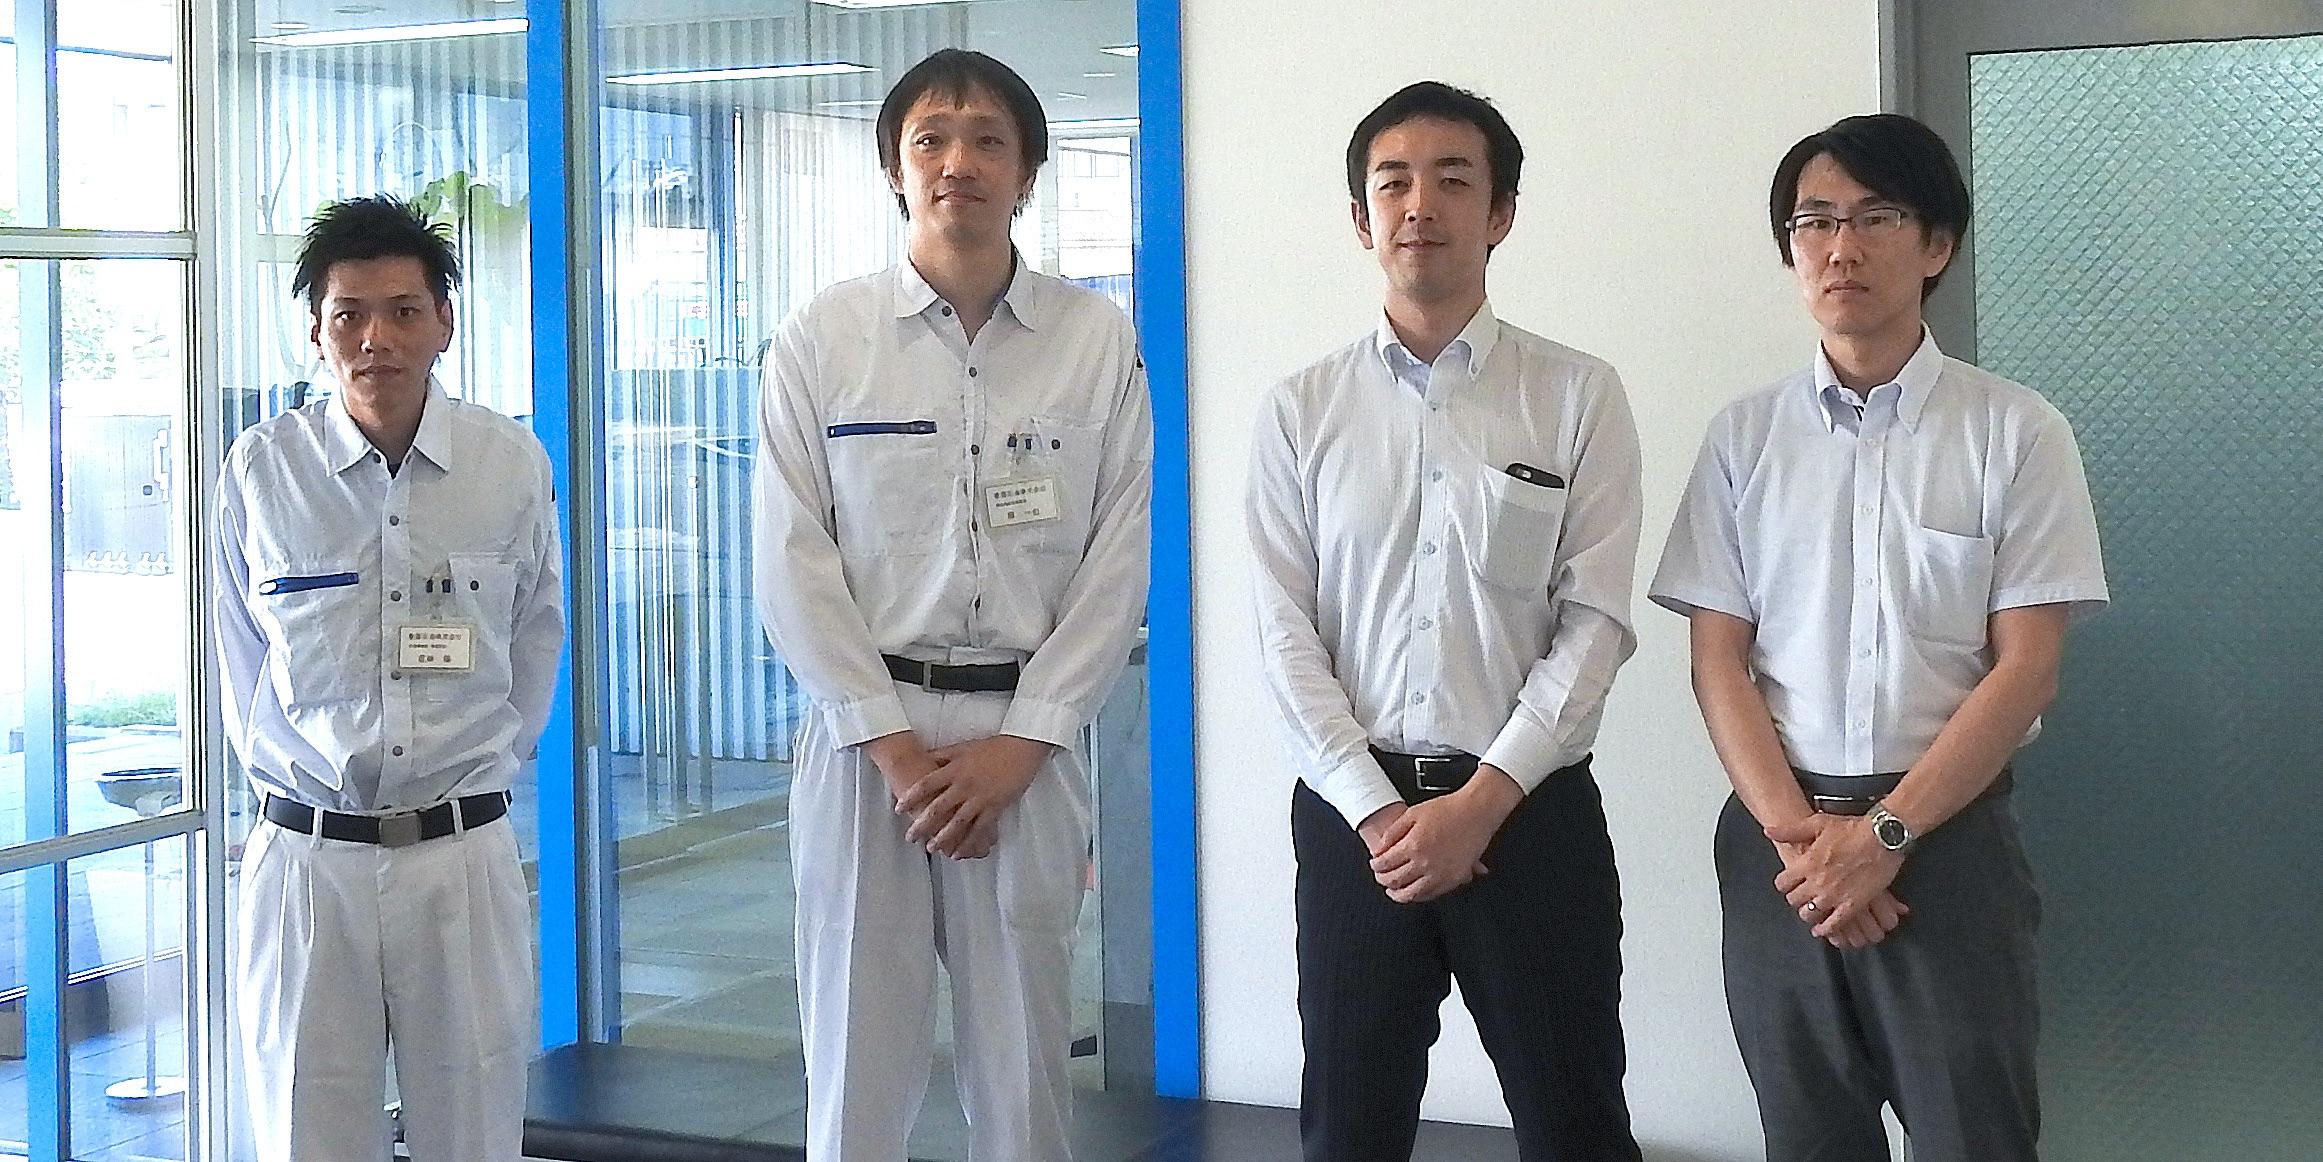 潤滑油製造業向け 販売・生産管理システム構築事例